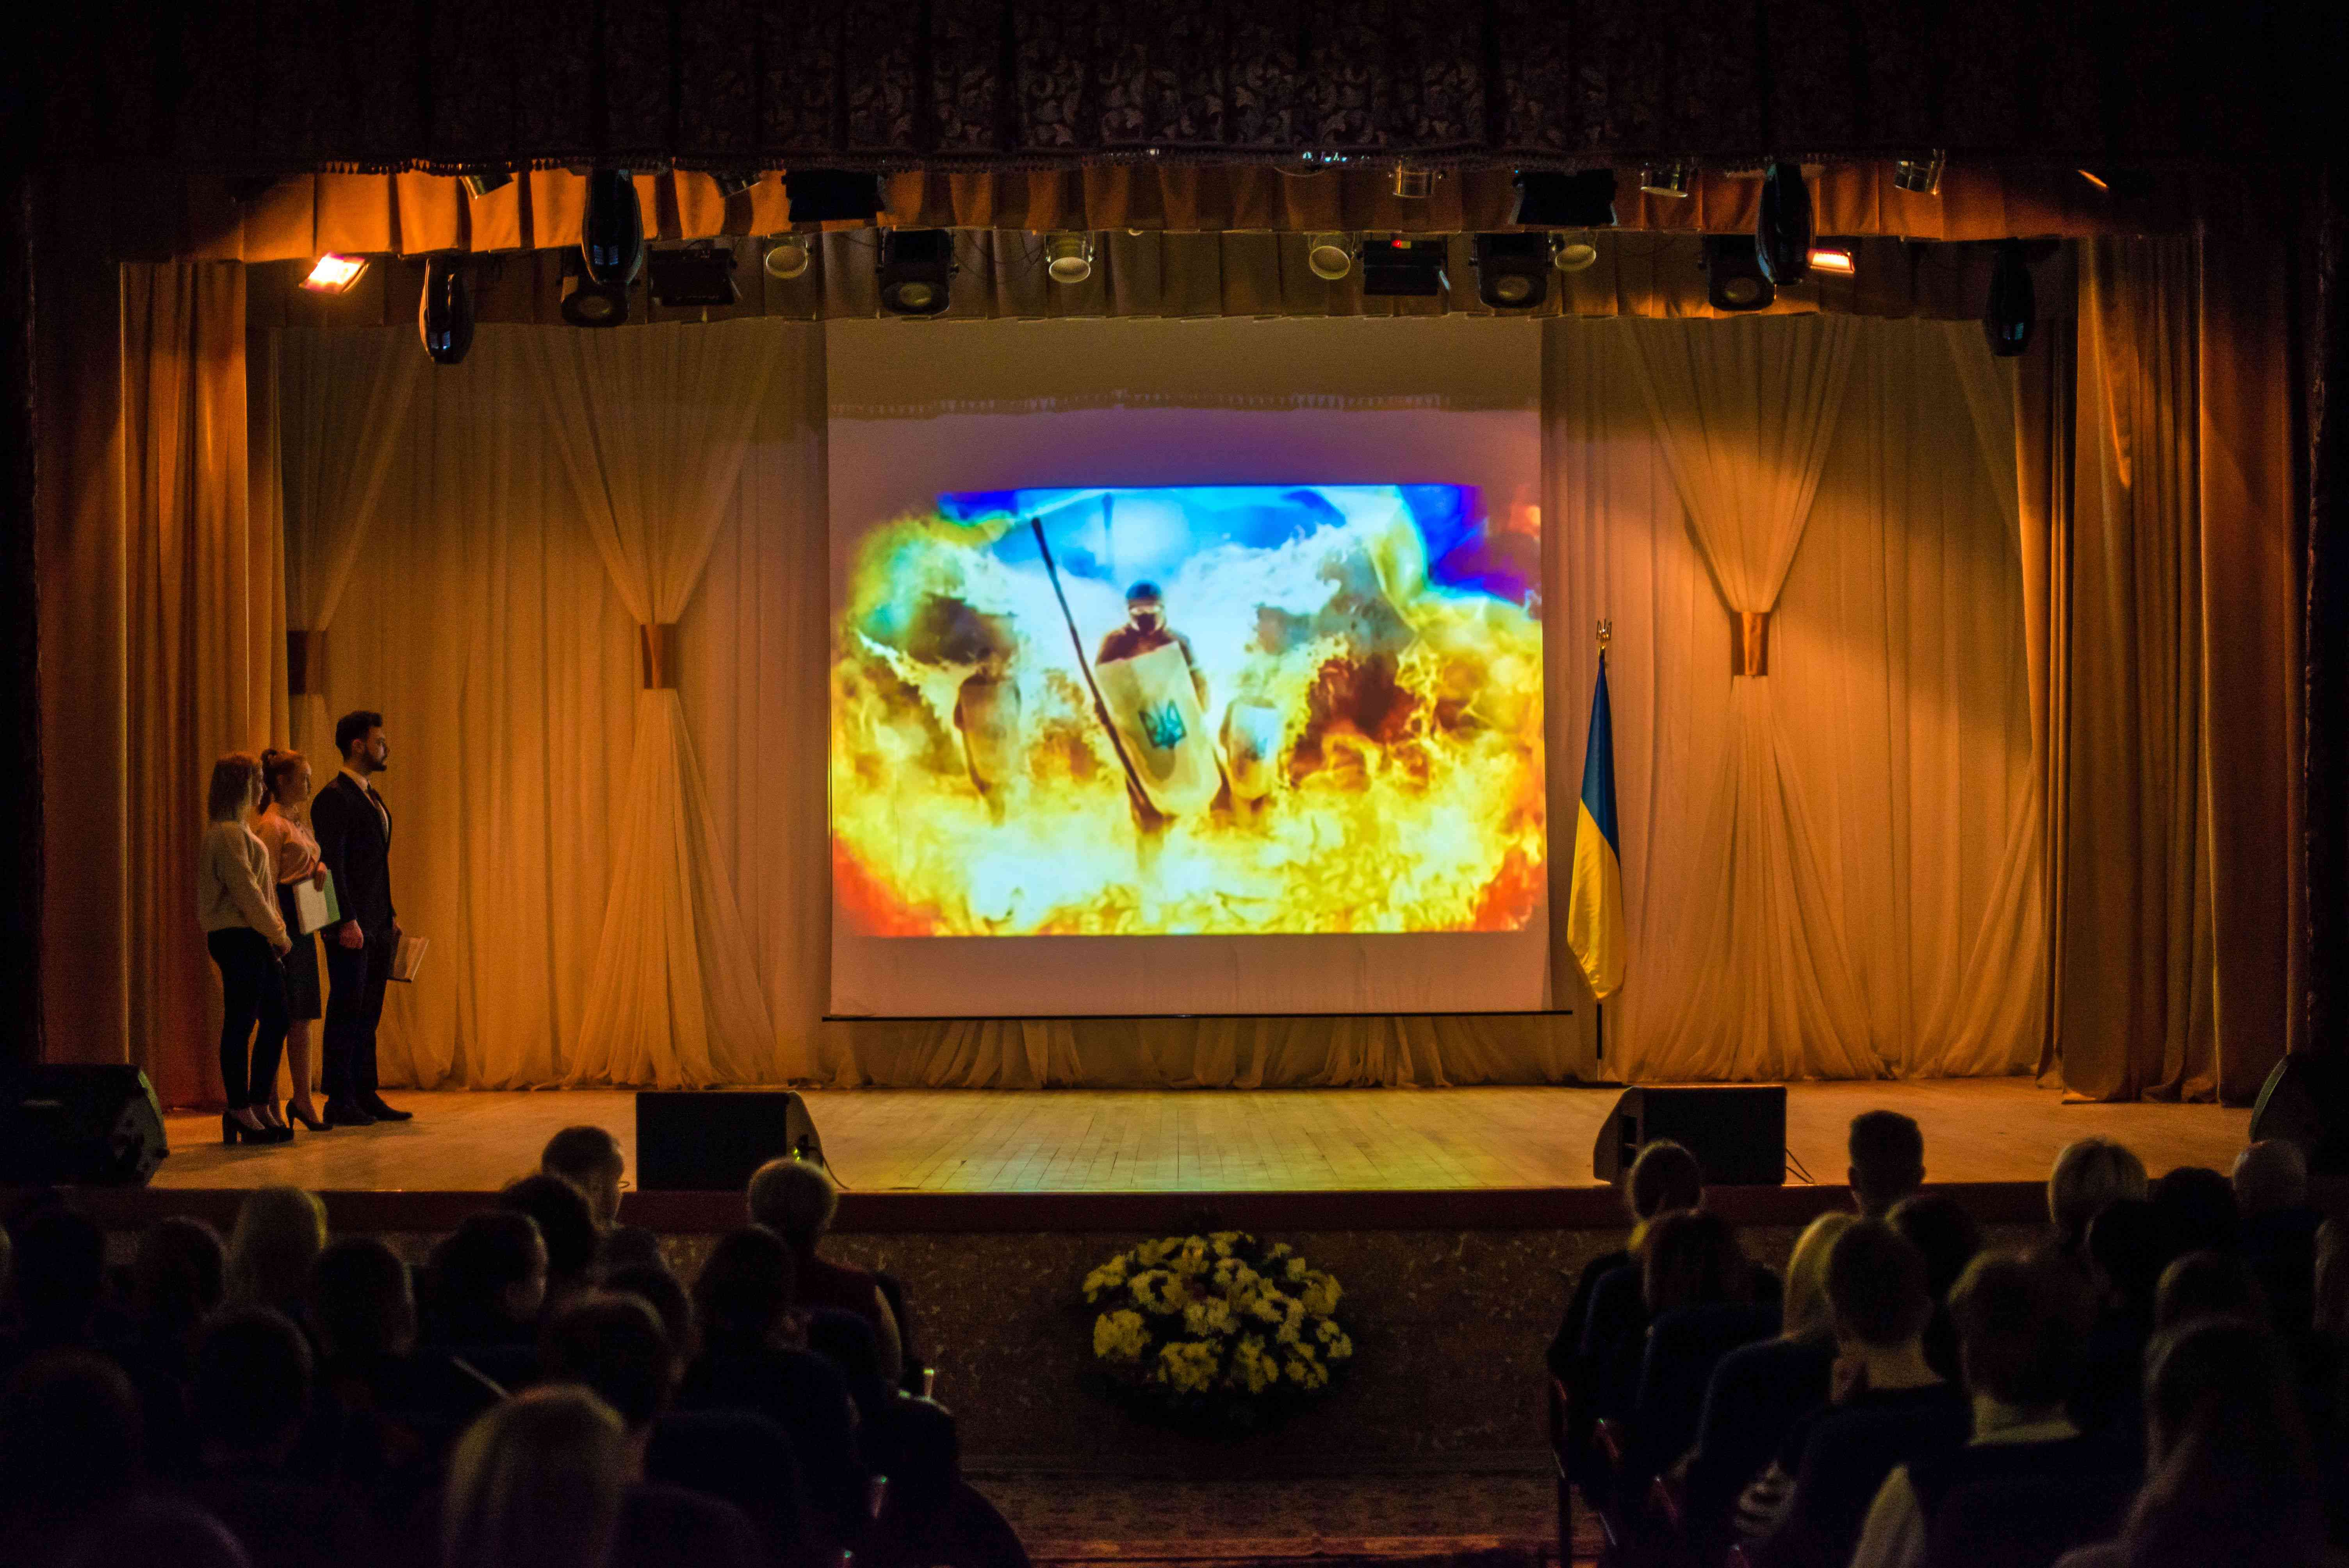 В університеті відзначили 5-ту річницю Революції Гідності та вшанували пам'ять загиблого студента Дмитра Максимова